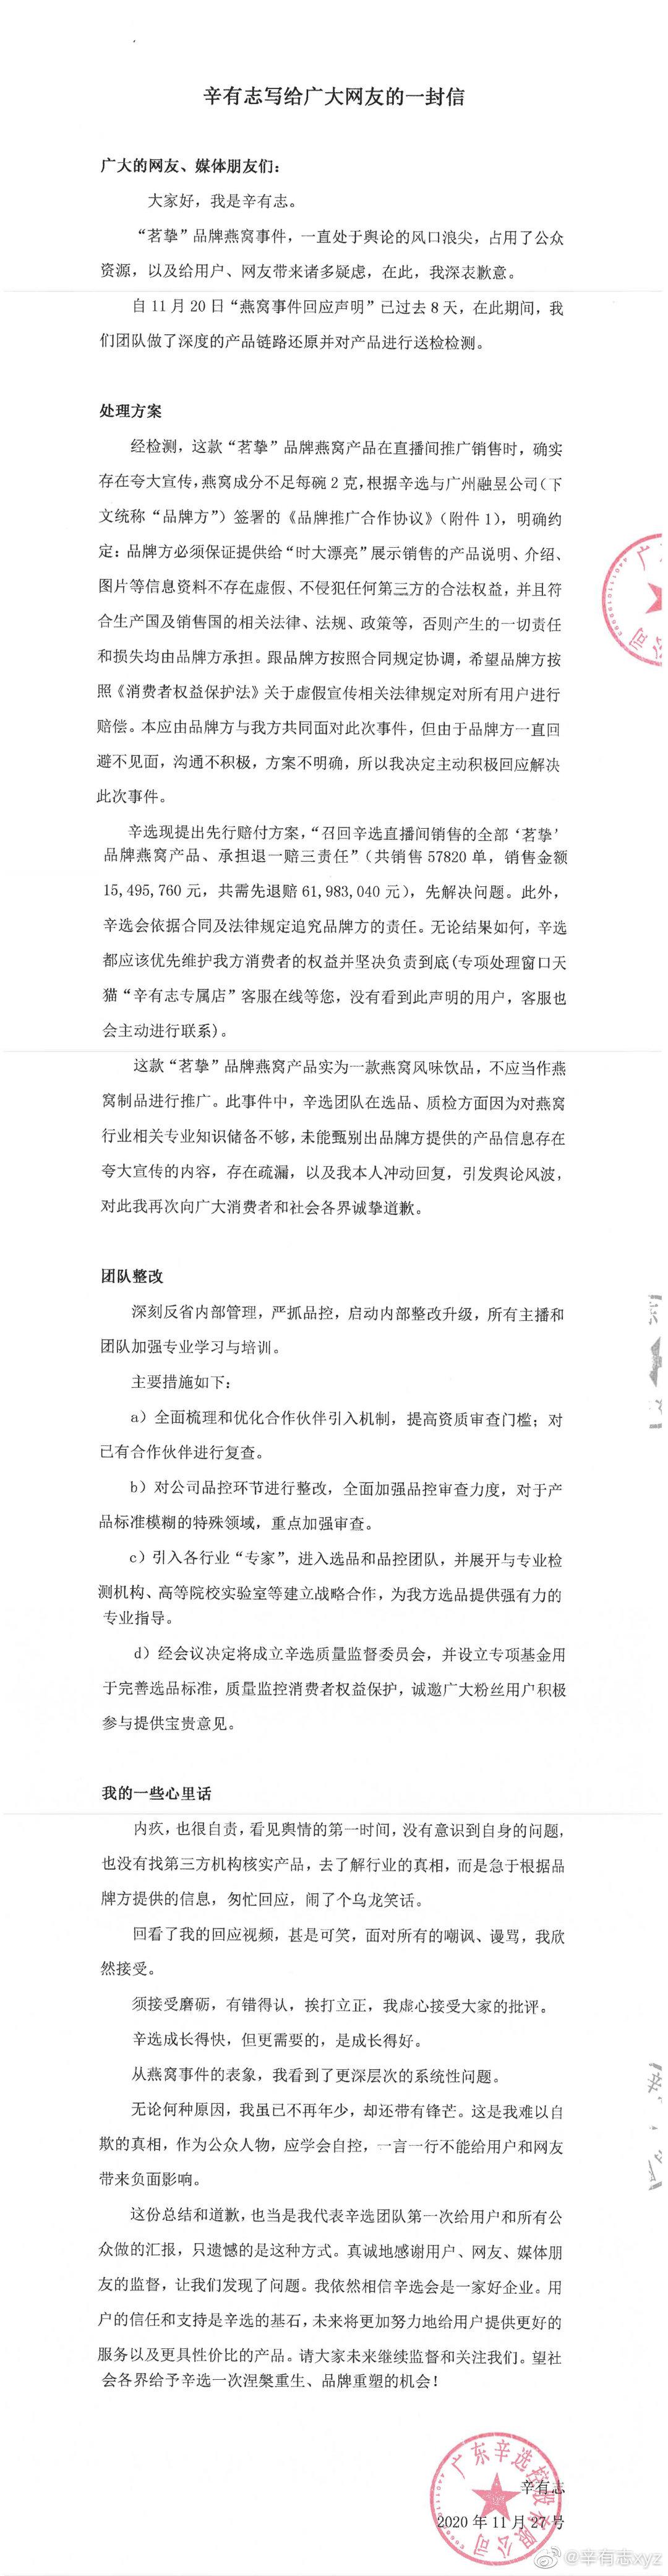 《辛有志写给广大网友的一封信》。微博@辛有志xyz 图